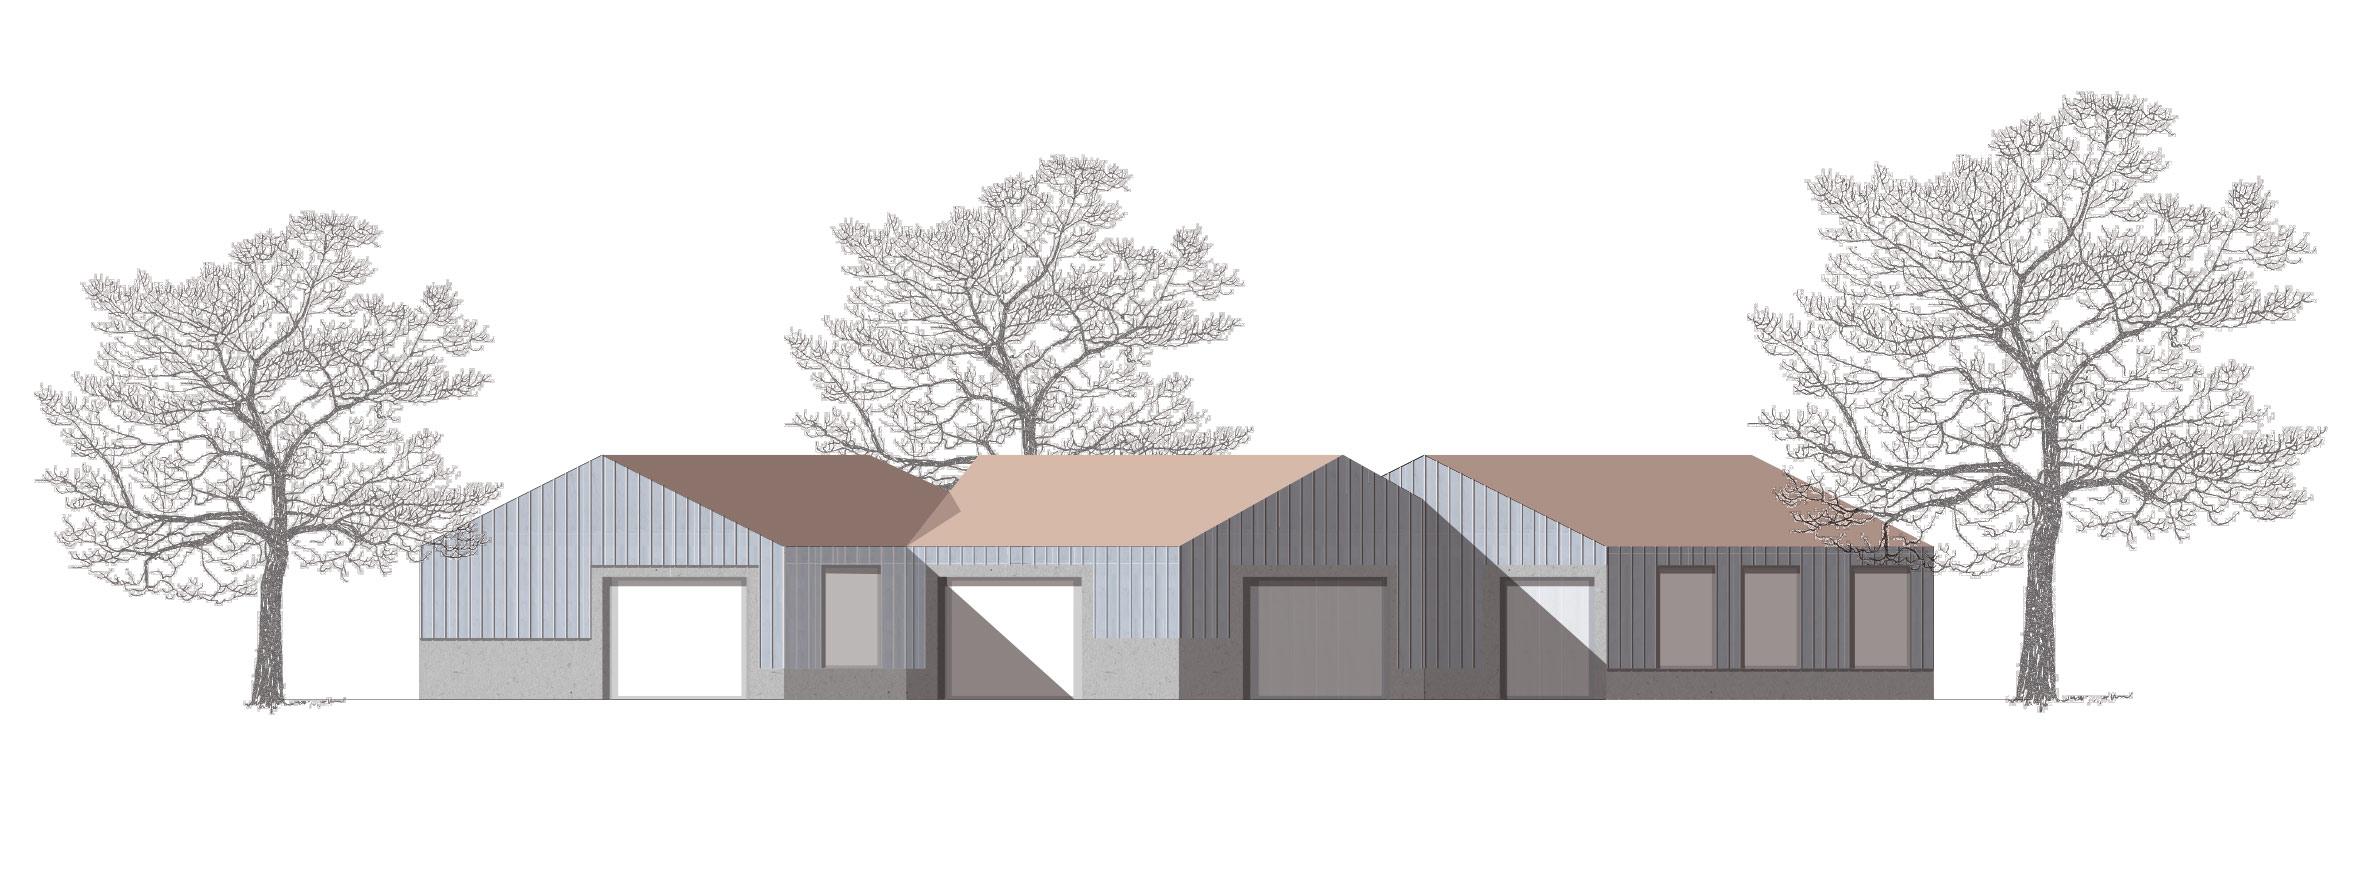 Haus-Liebenzell-giorno-architektur